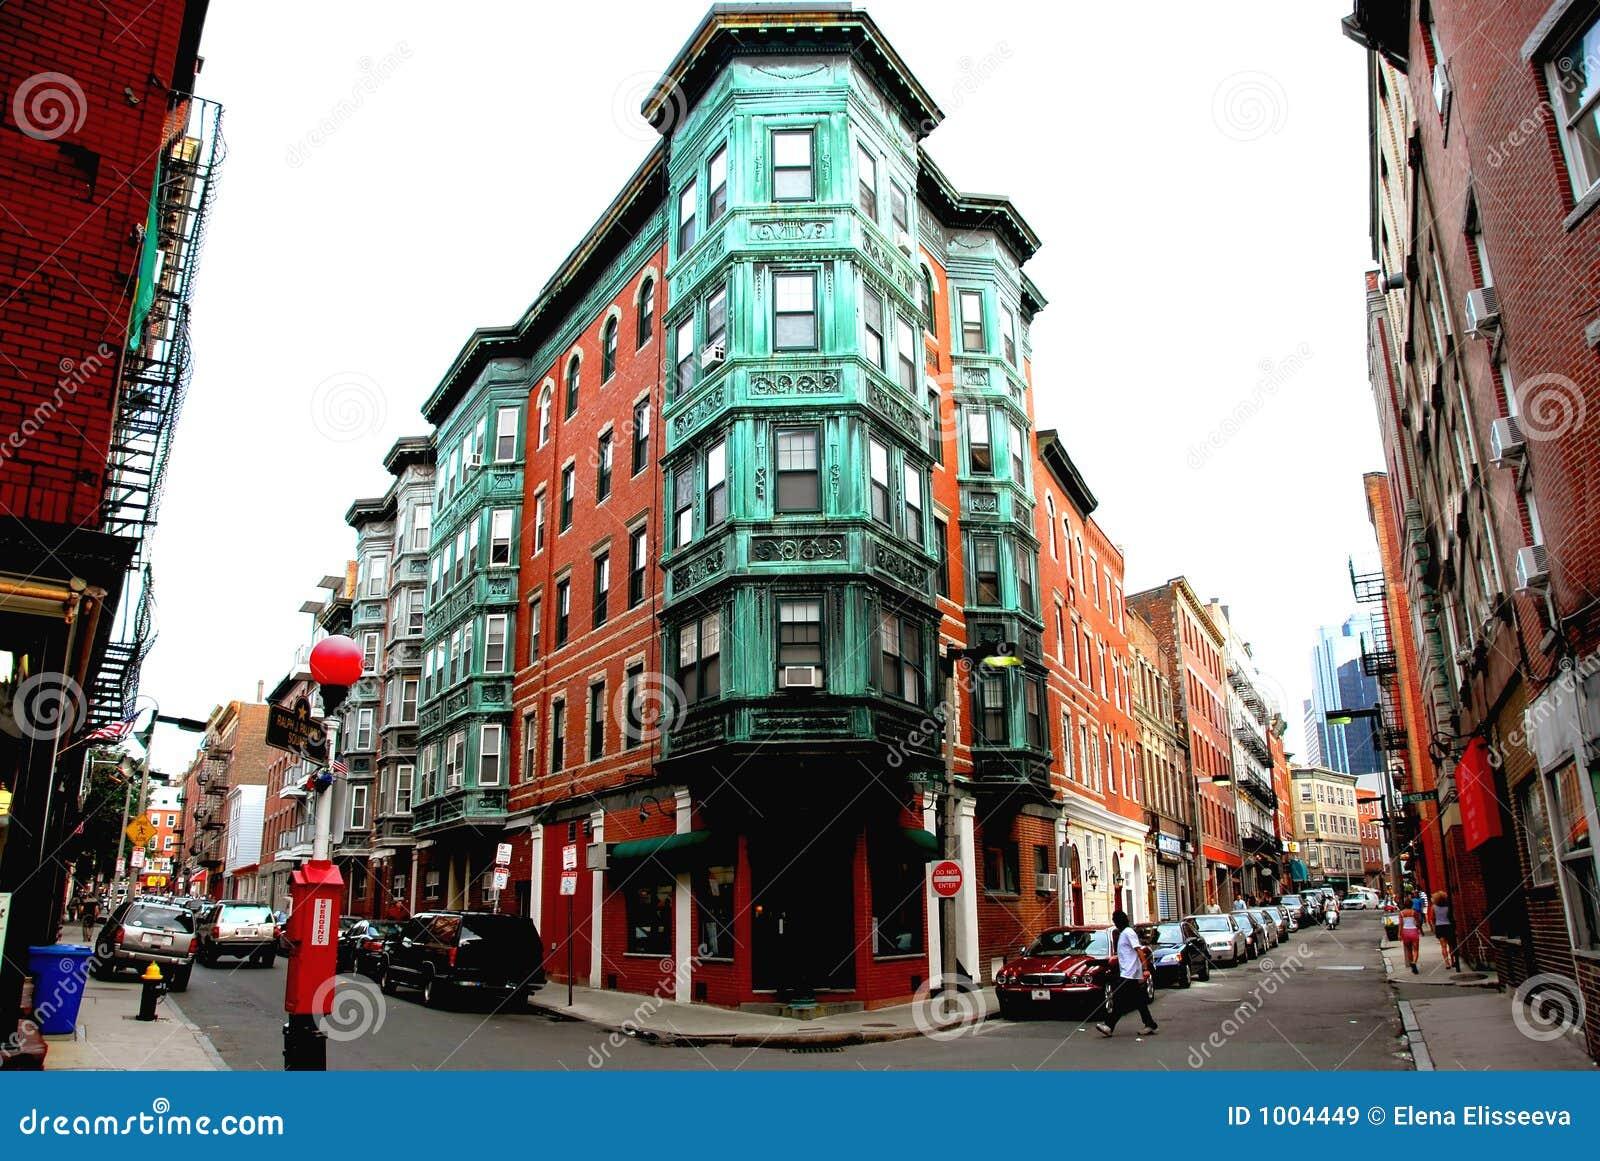 Square in old Boston